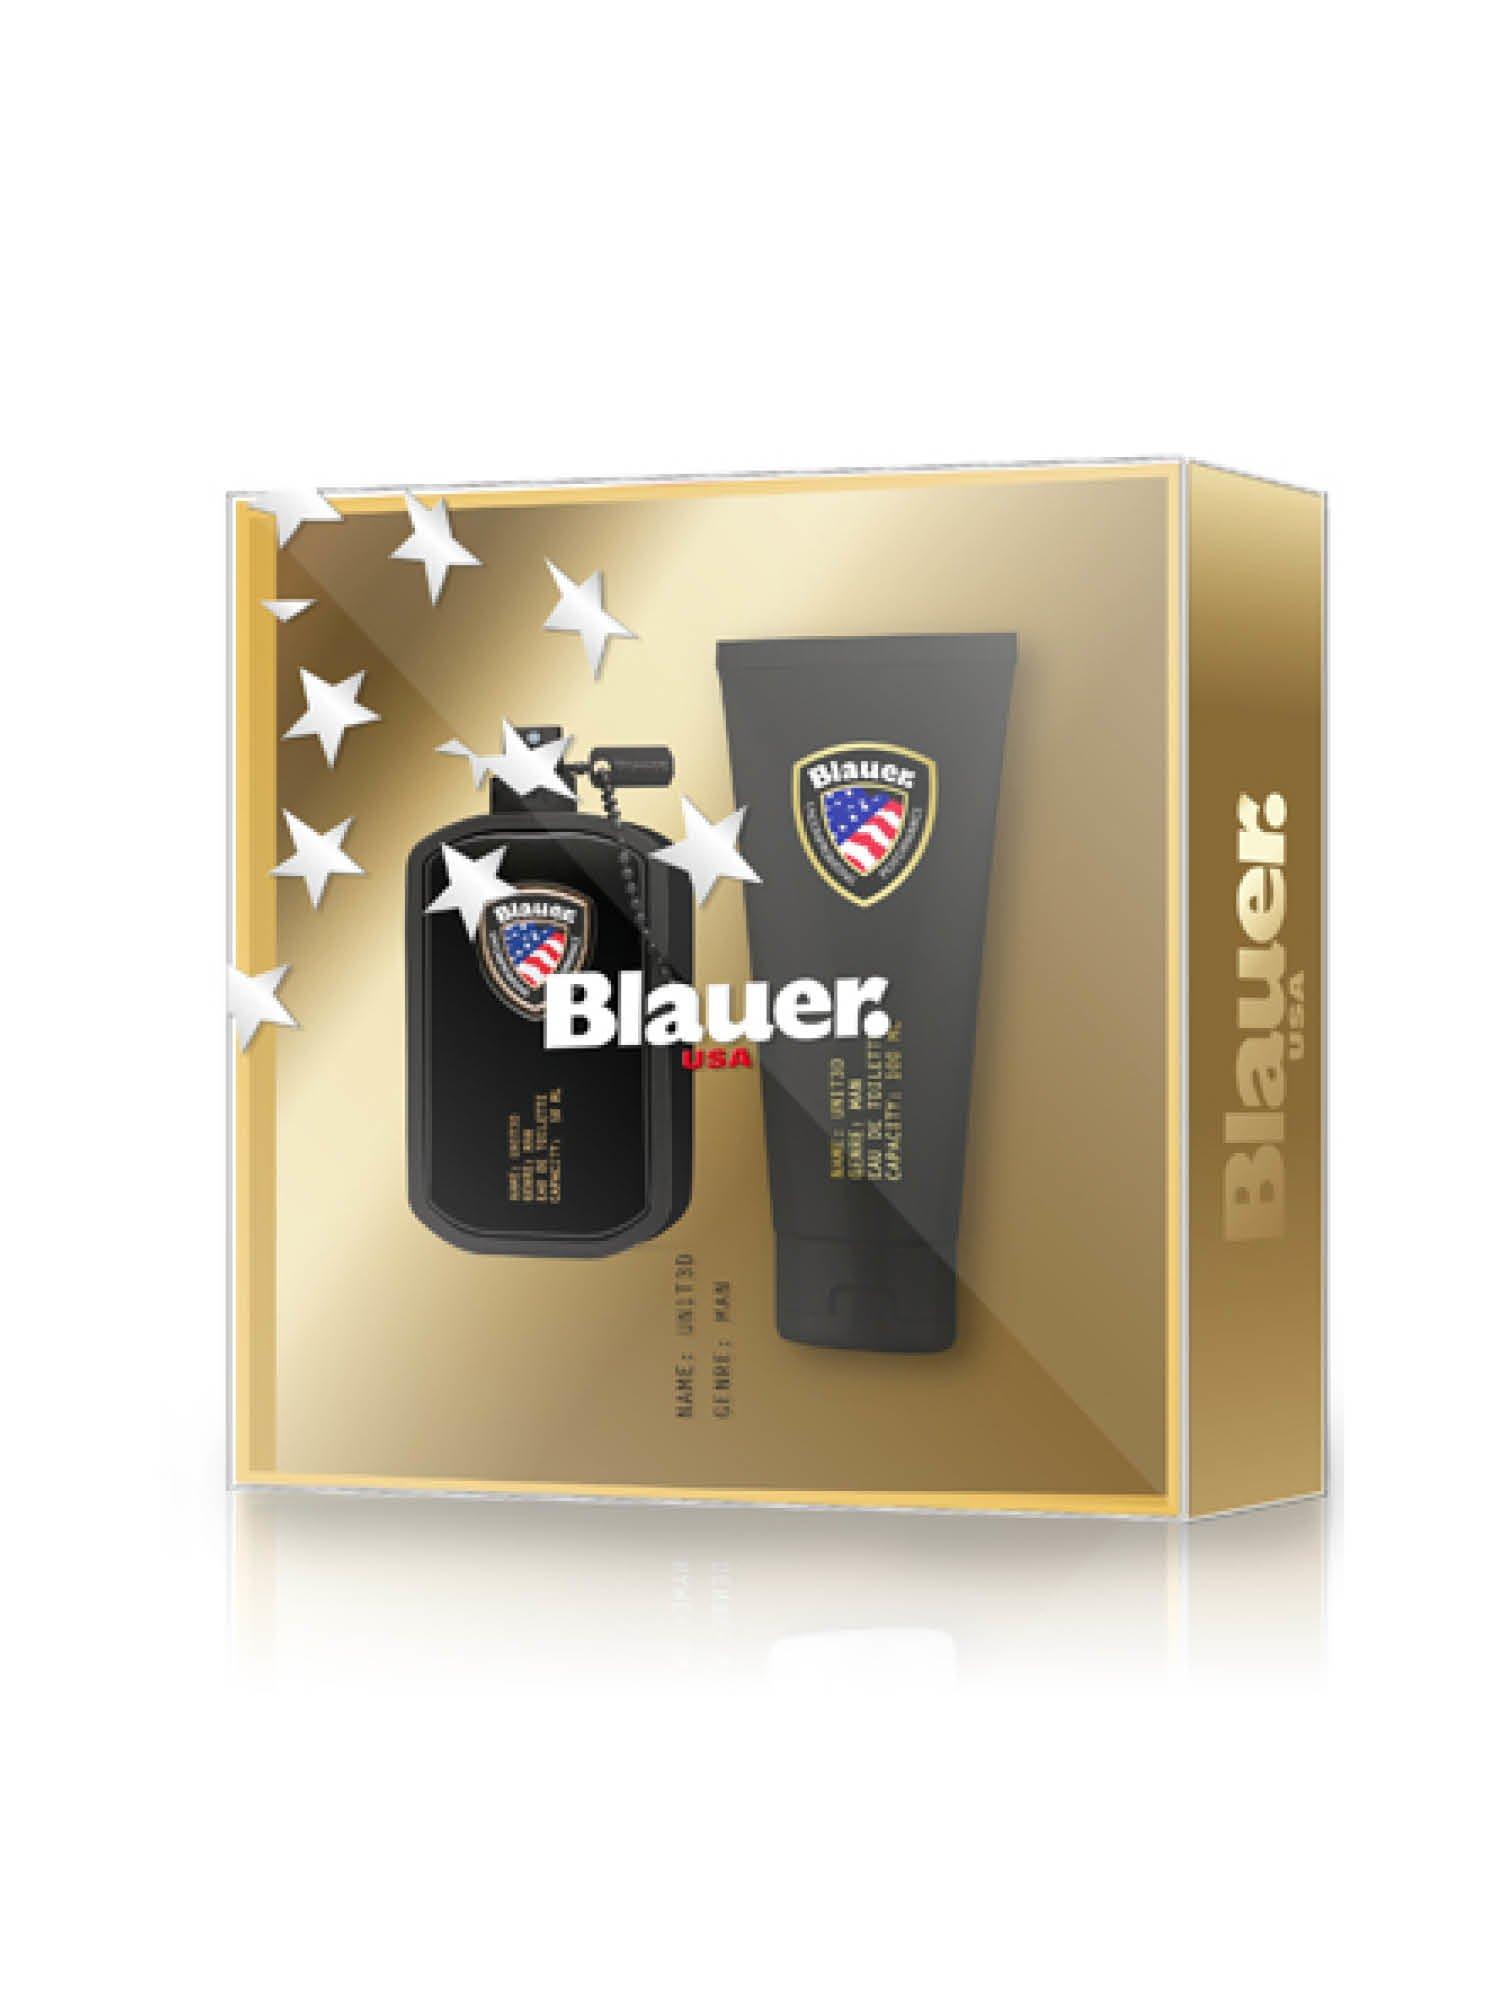 BLAUER UN1T3D COFFRET FOR MAN - Blauer